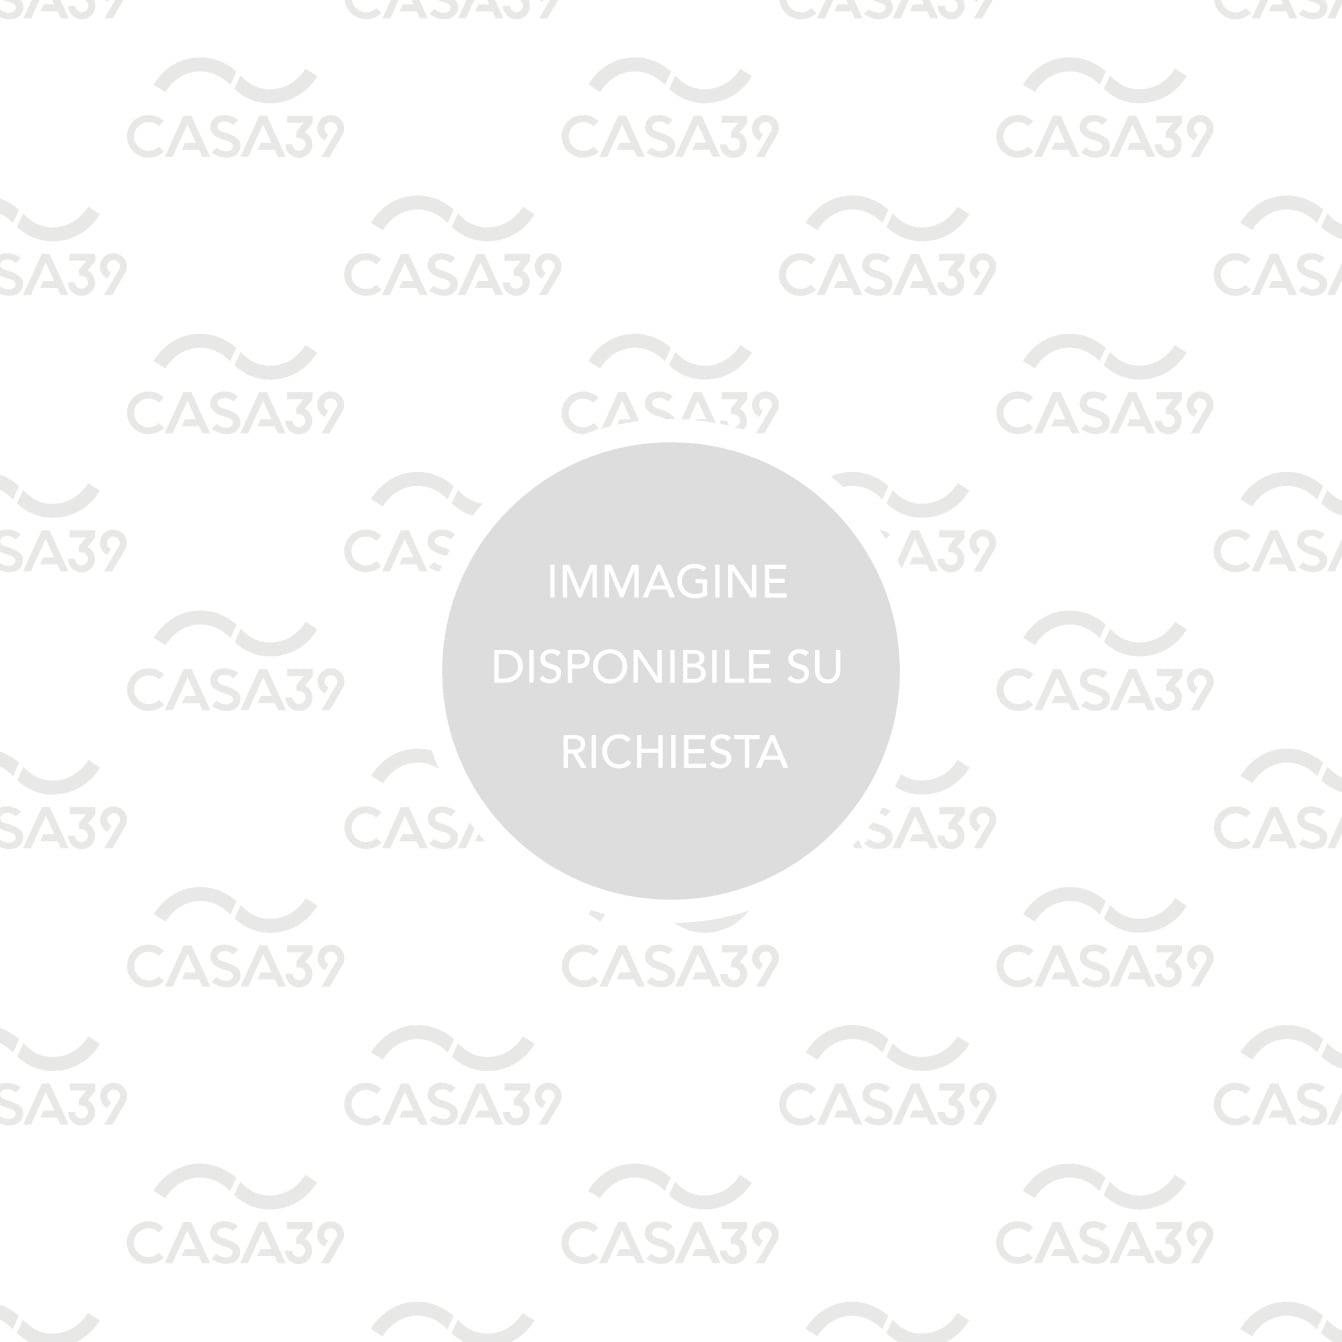 Piatto Doccia Richard Ginori.Pozzi Ginori Abele Piatto Doccia Quadrato 90x90 Cm 60141 Casa39 It